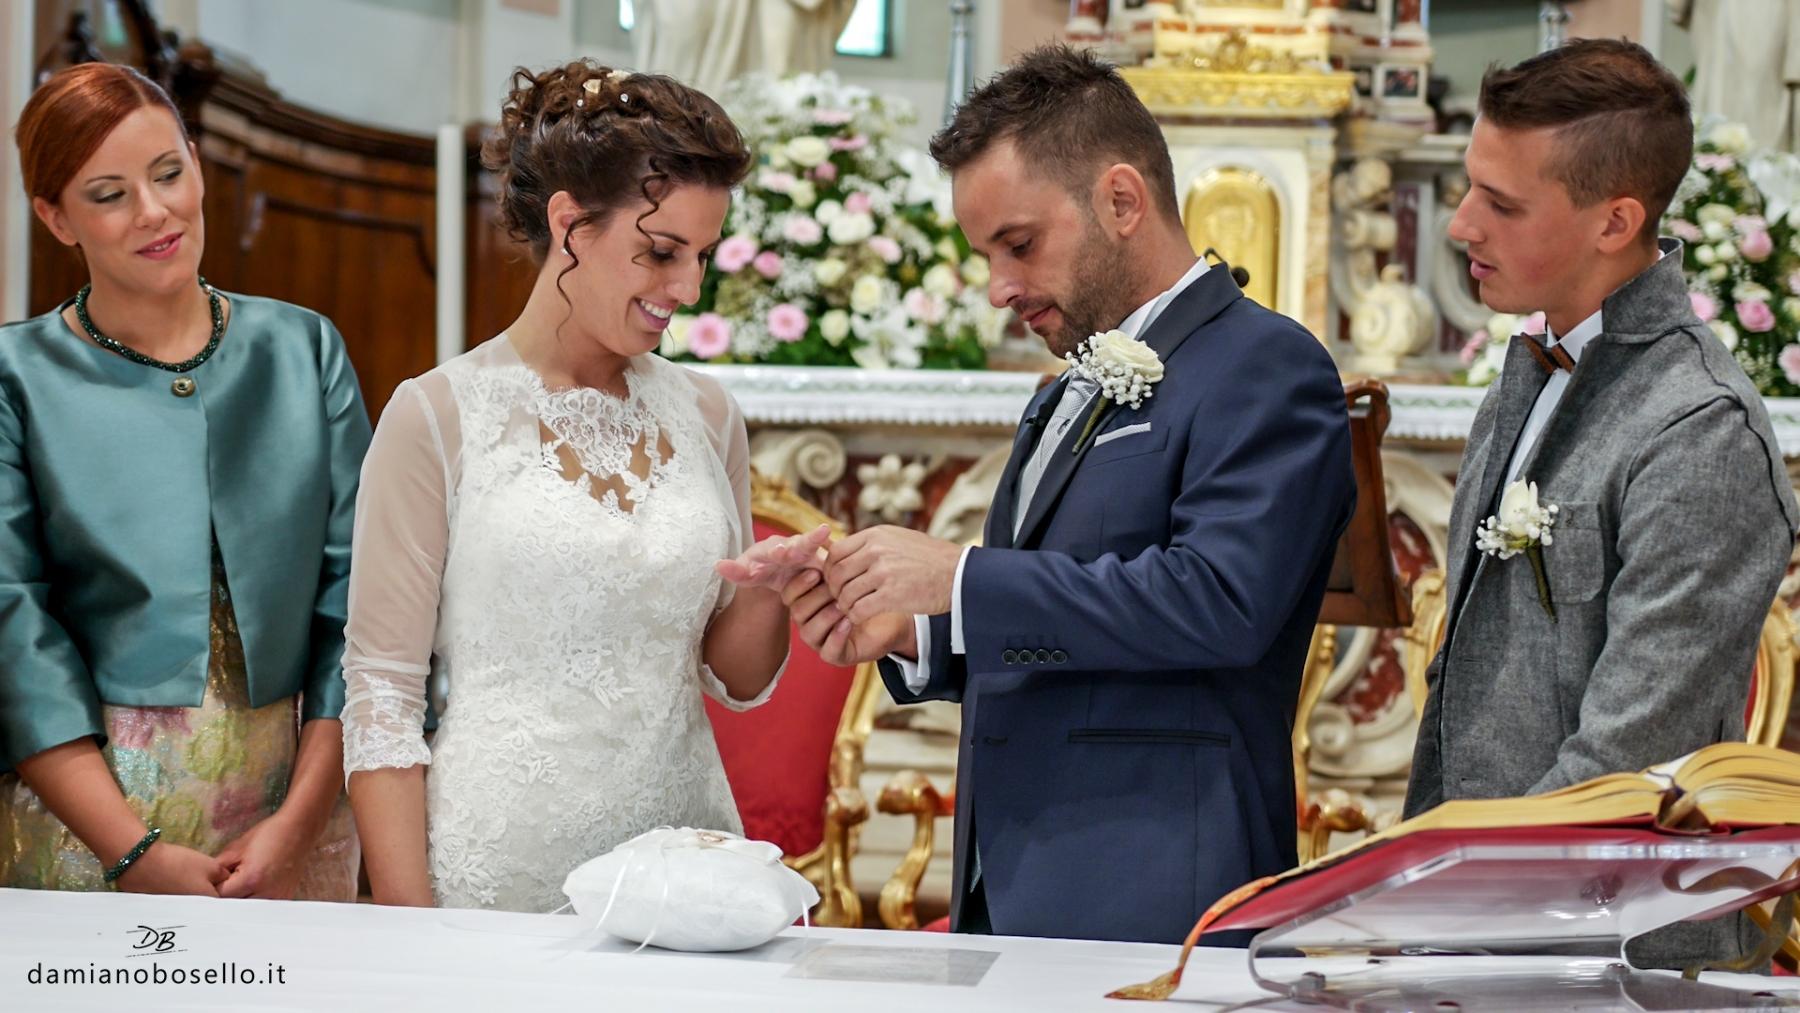 Lo splendido matrimonio di Simone e Denise celebrato nellaParrocchia dei Santi Giuseppe e Giuliana di Villa del Conte in provincia di Padova e poi per i festeggiamenti nel Ristorante alla Veneziana.